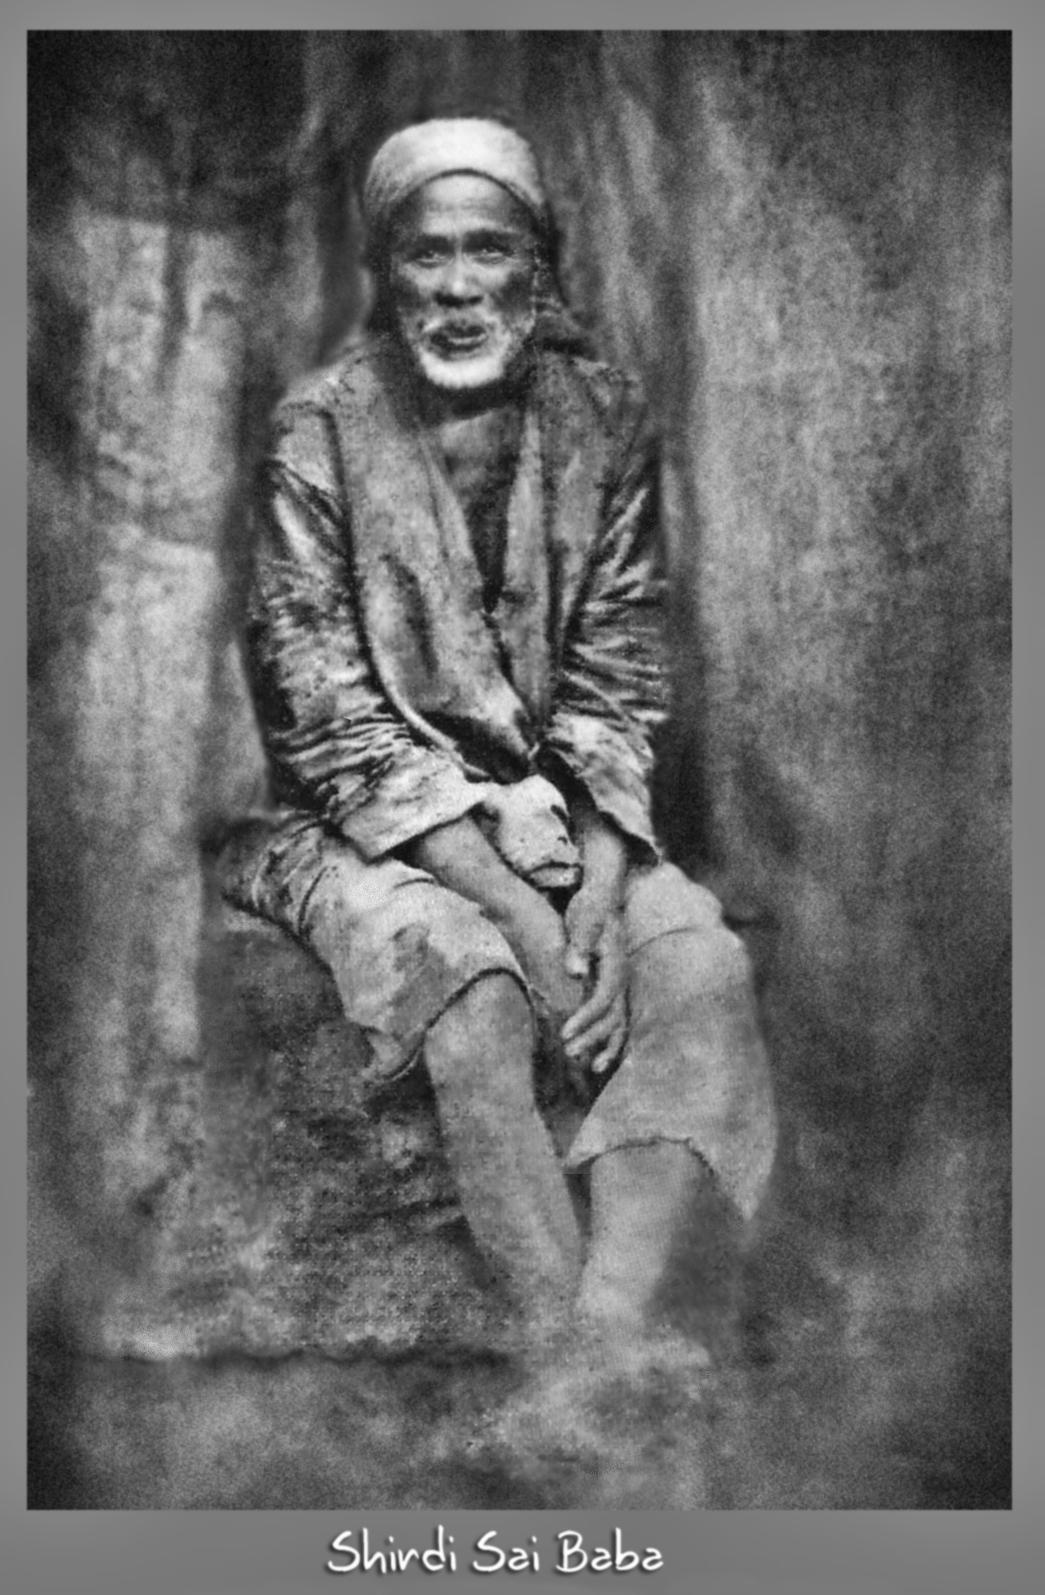 Shirdi Sai Baba Original Image